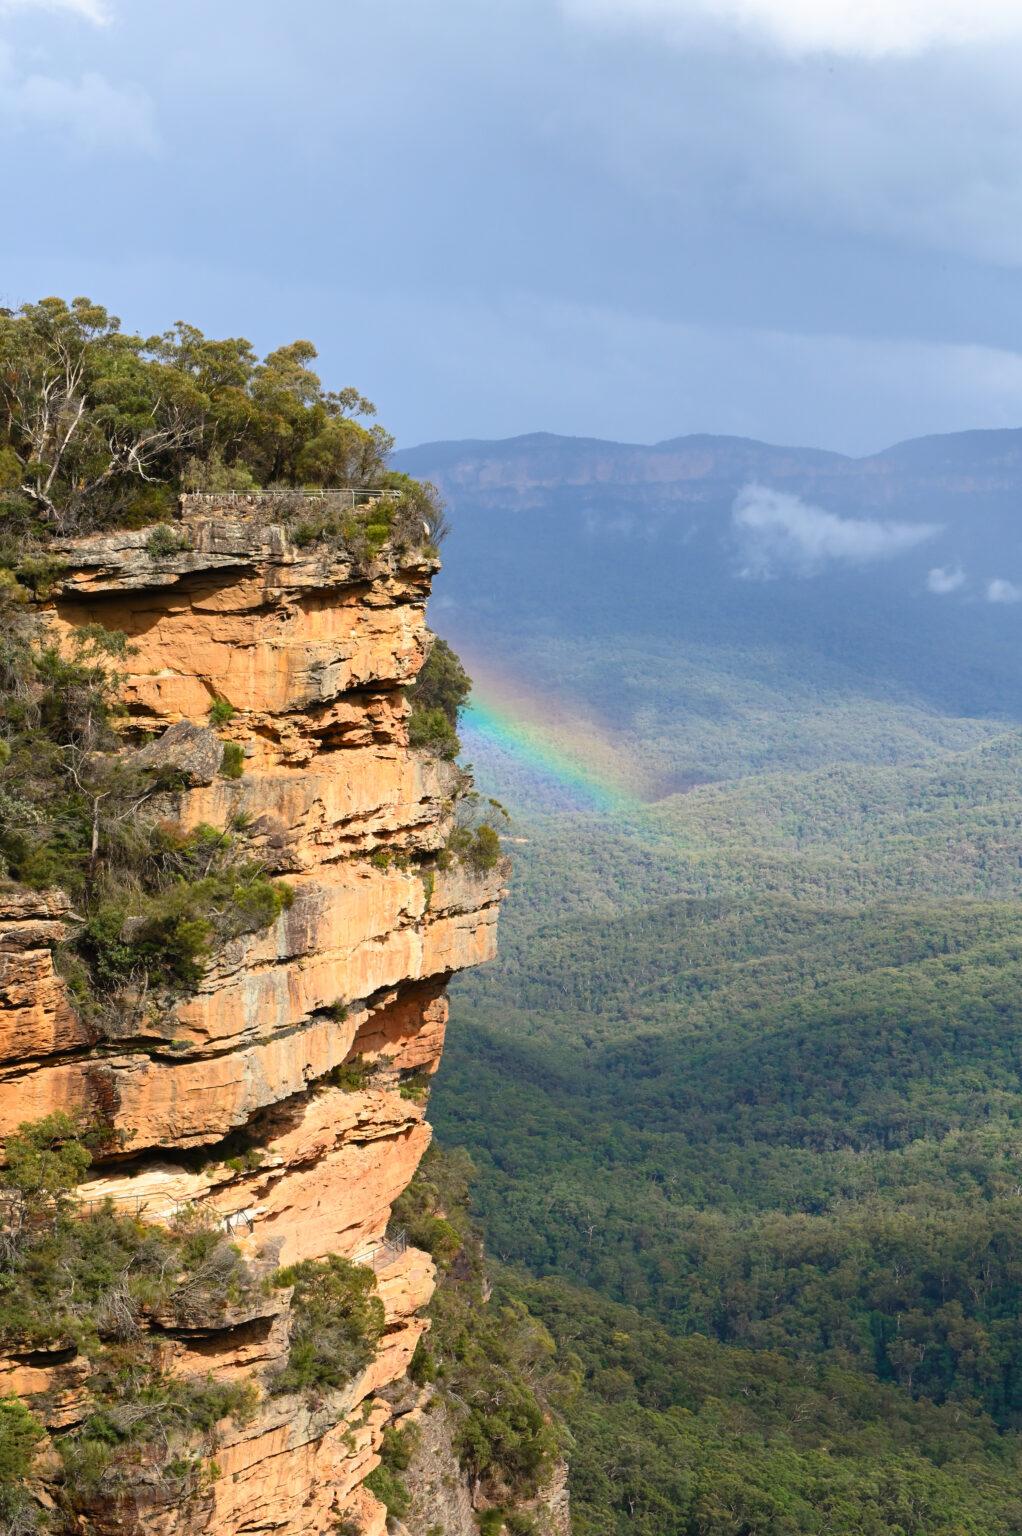 Rainbow - Jamison Valley